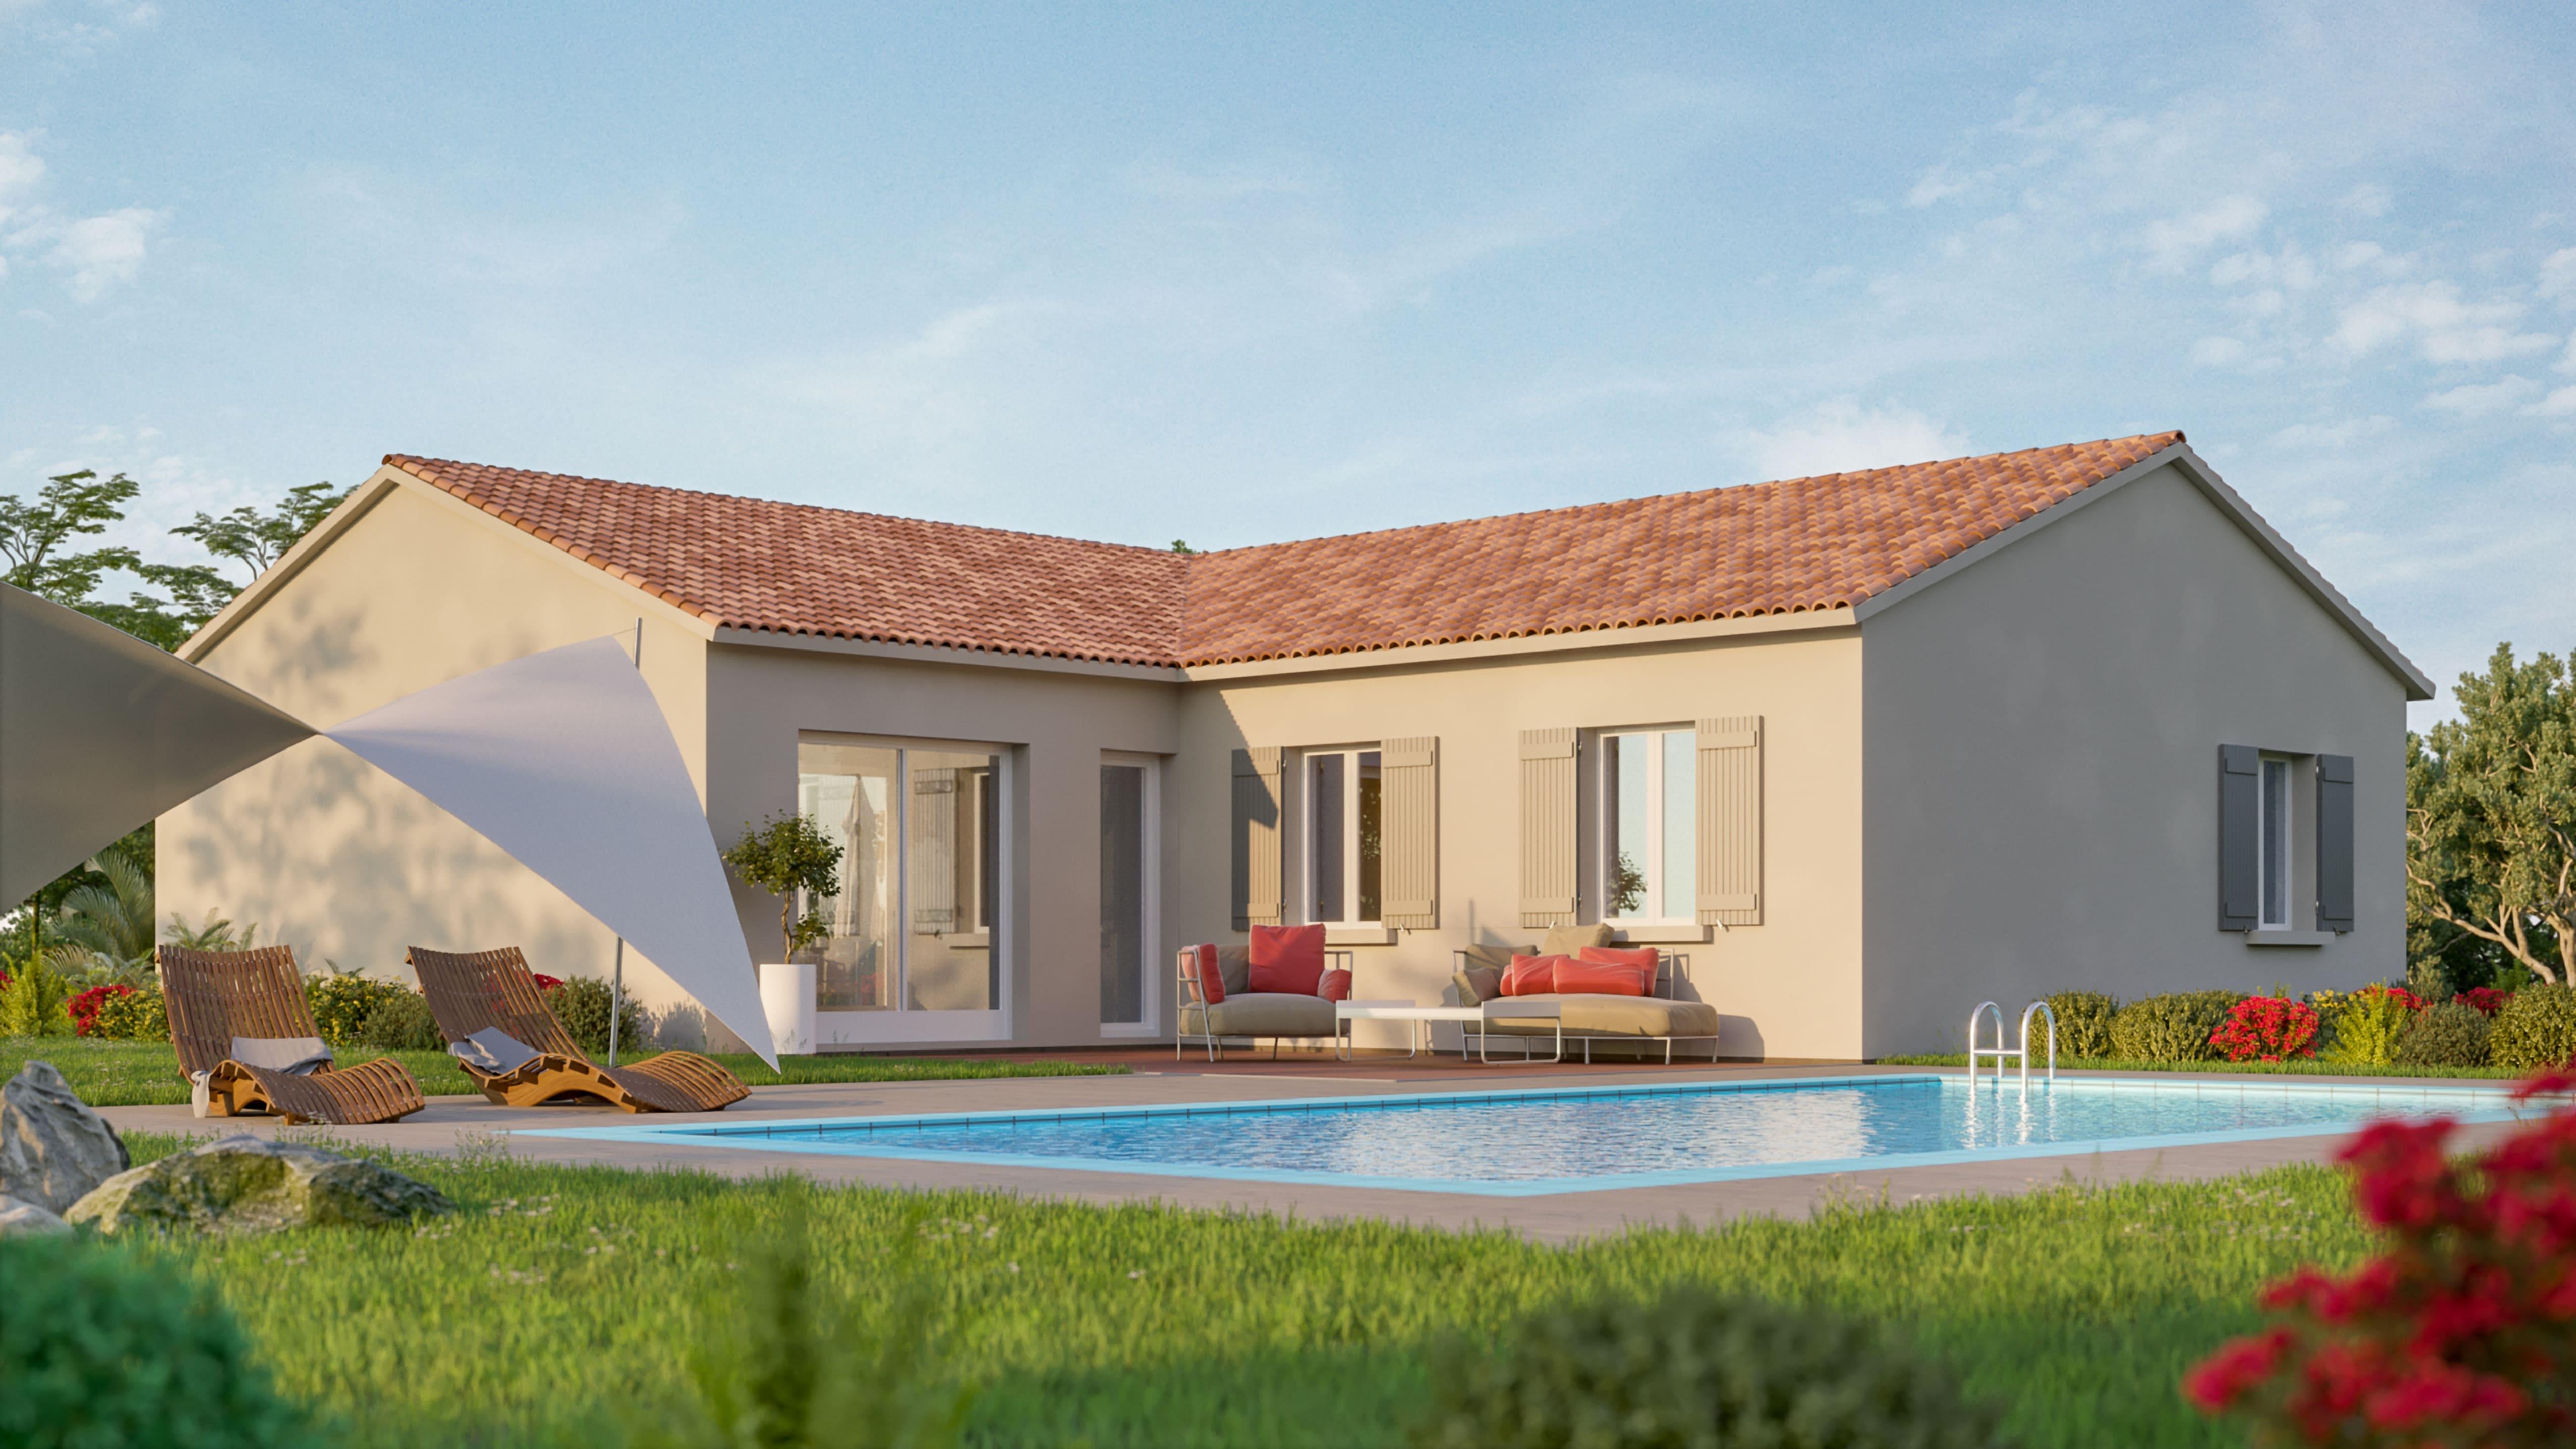 Maisons + Terrains du constructeur VIV'HOME • 96 m² • DOMPIERRE SUR MER